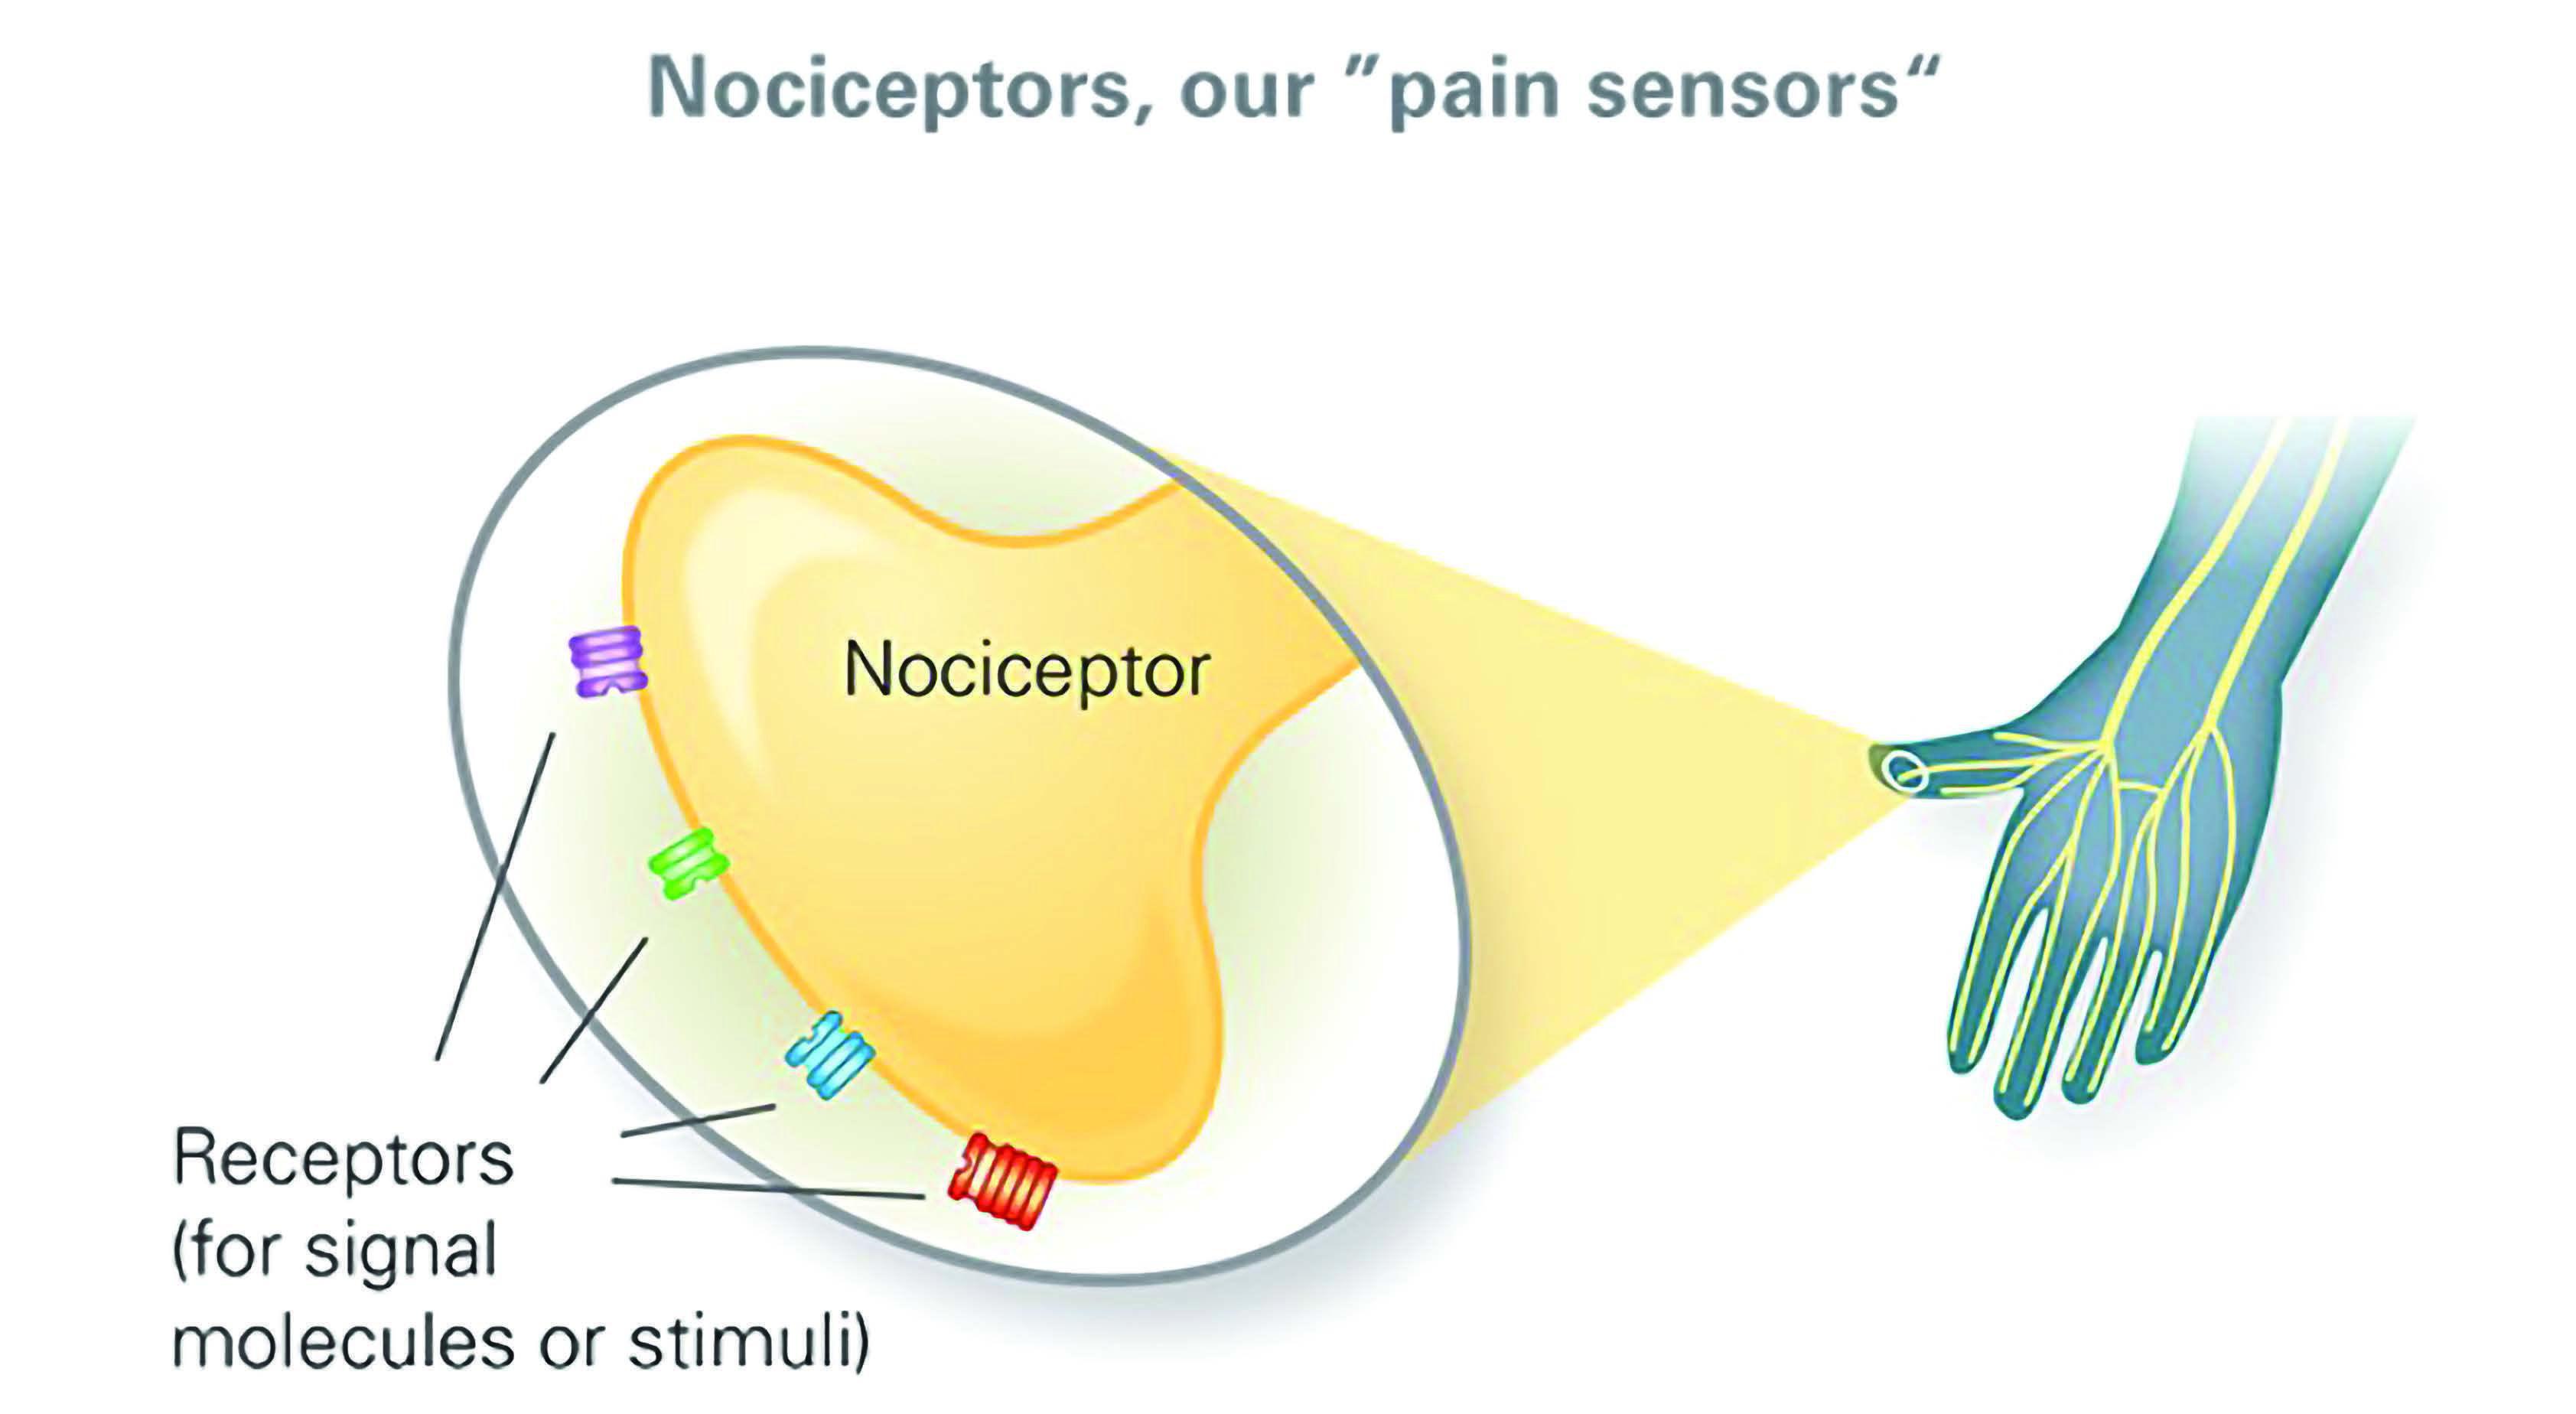 Создана модель сенсорного нейрона, участвующего в формировании боли